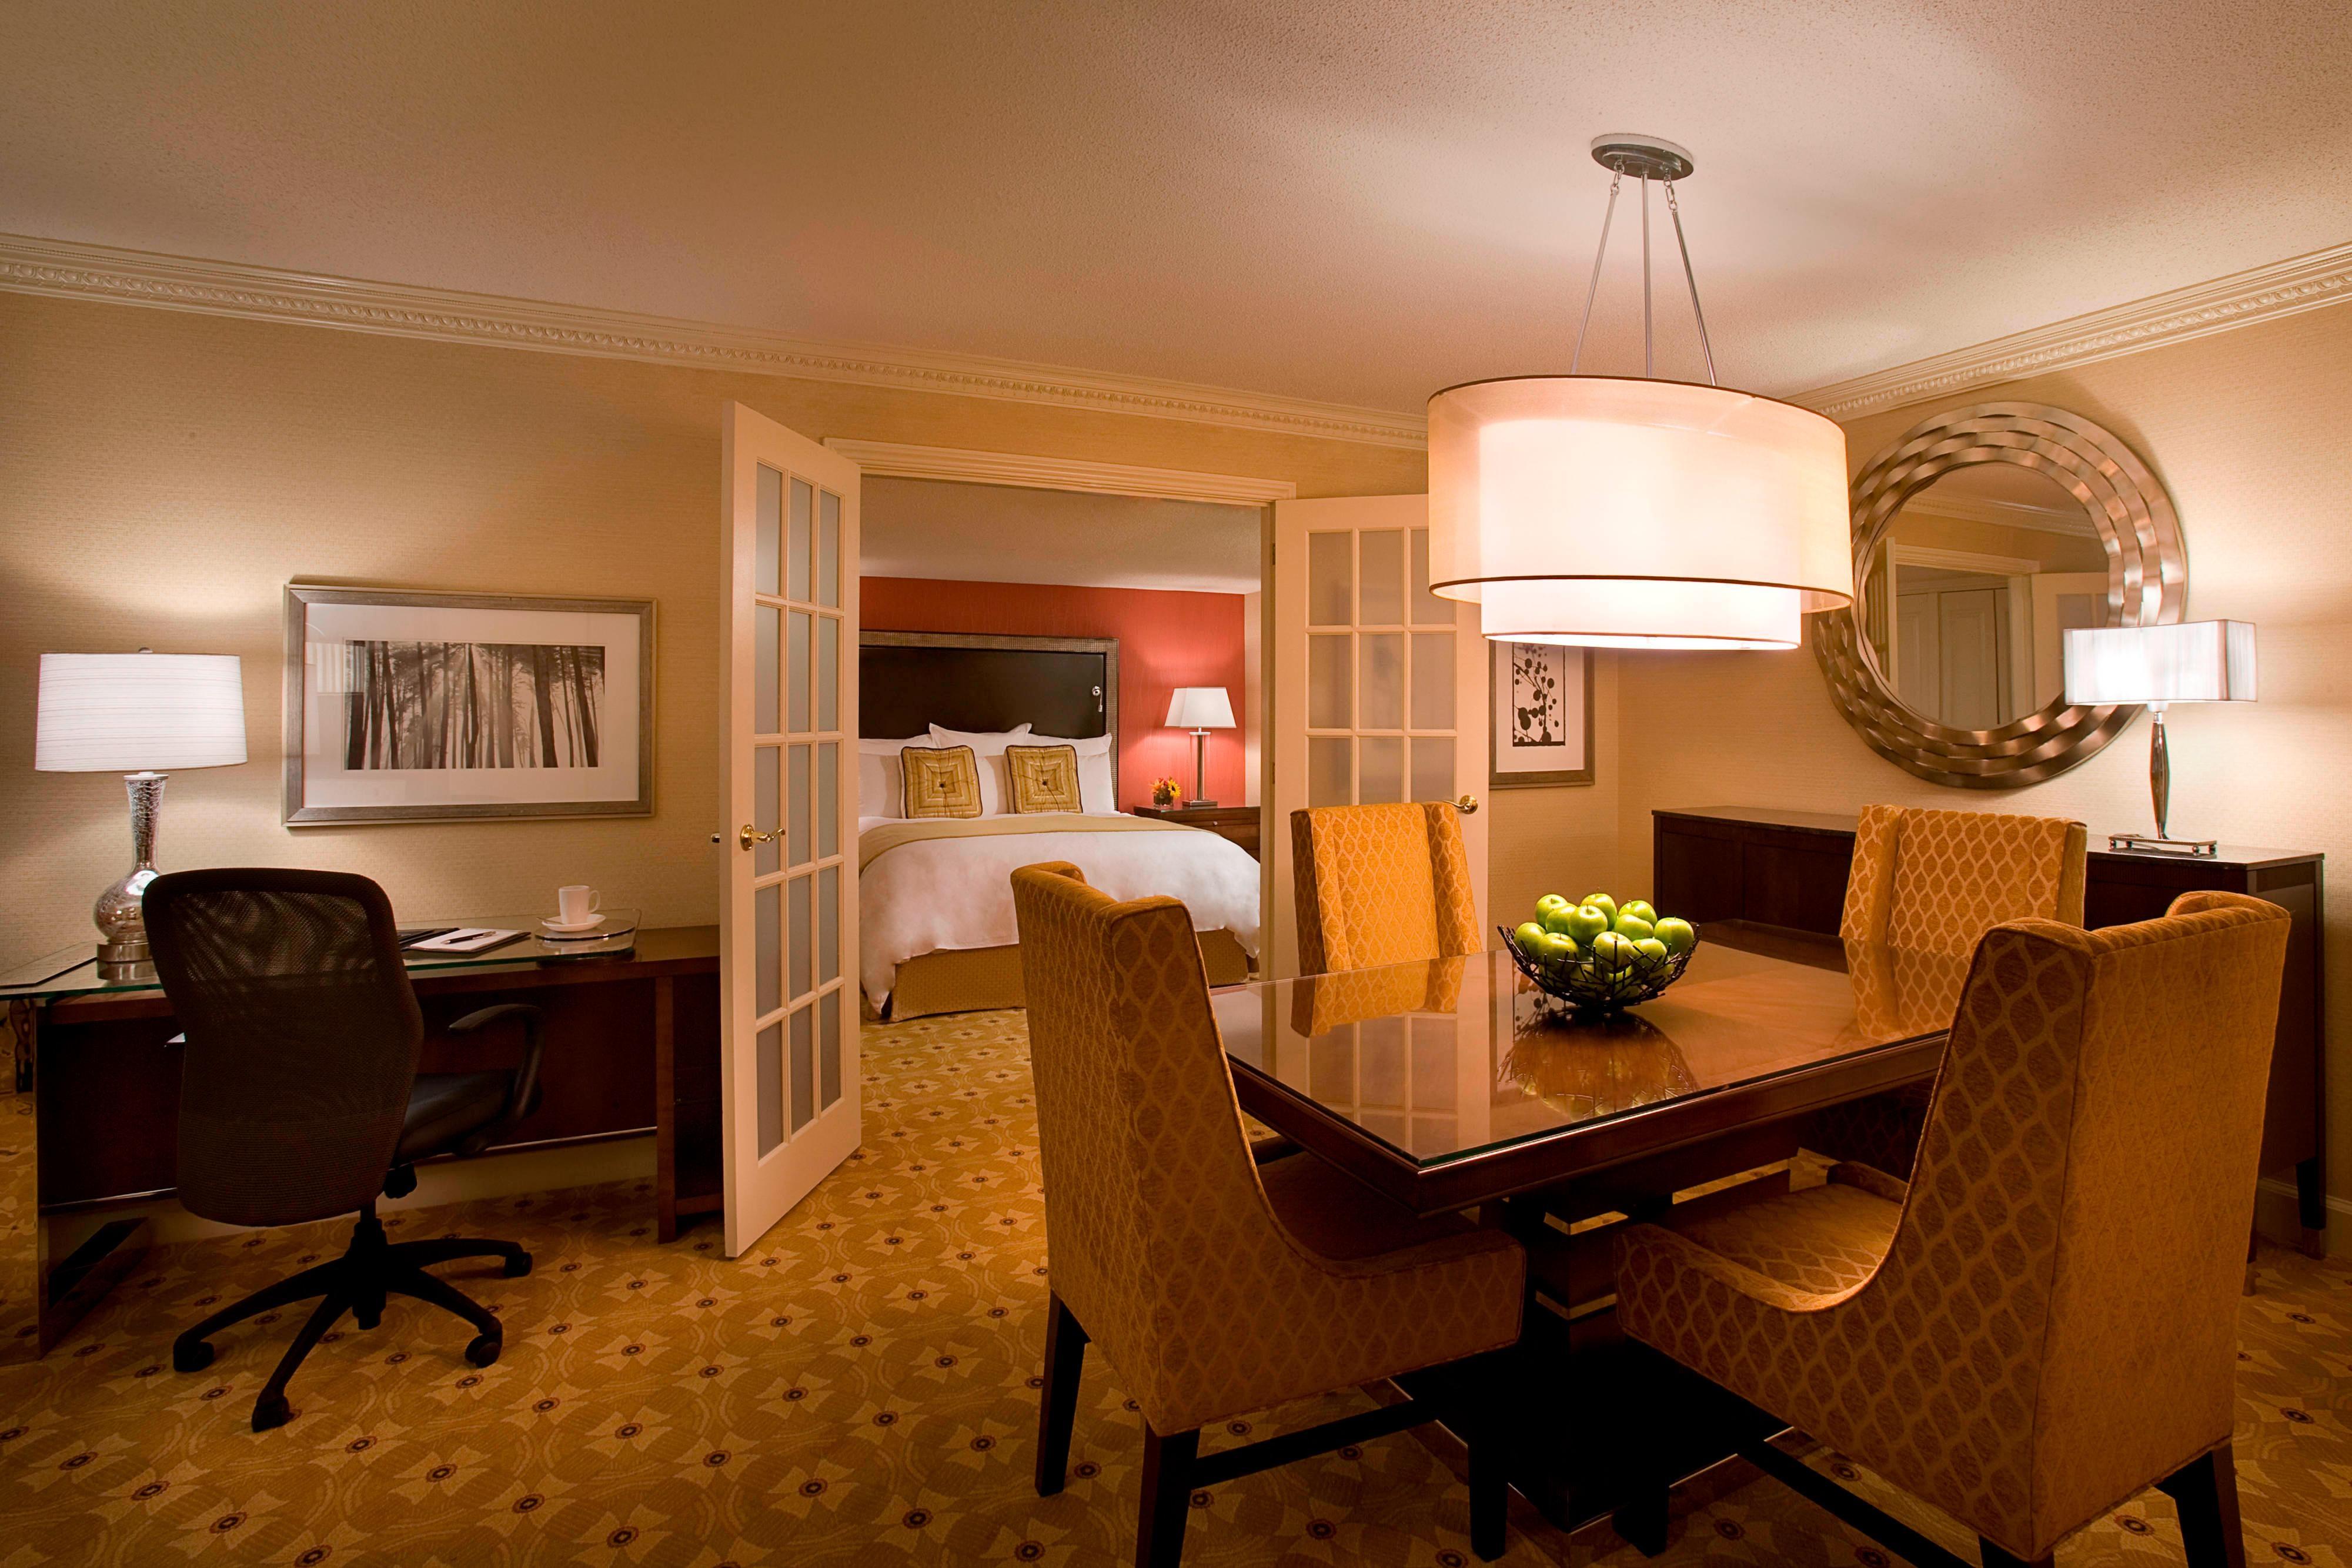 Chambres d'hôtel de luxe à proximité de l'aéroport de Toronto